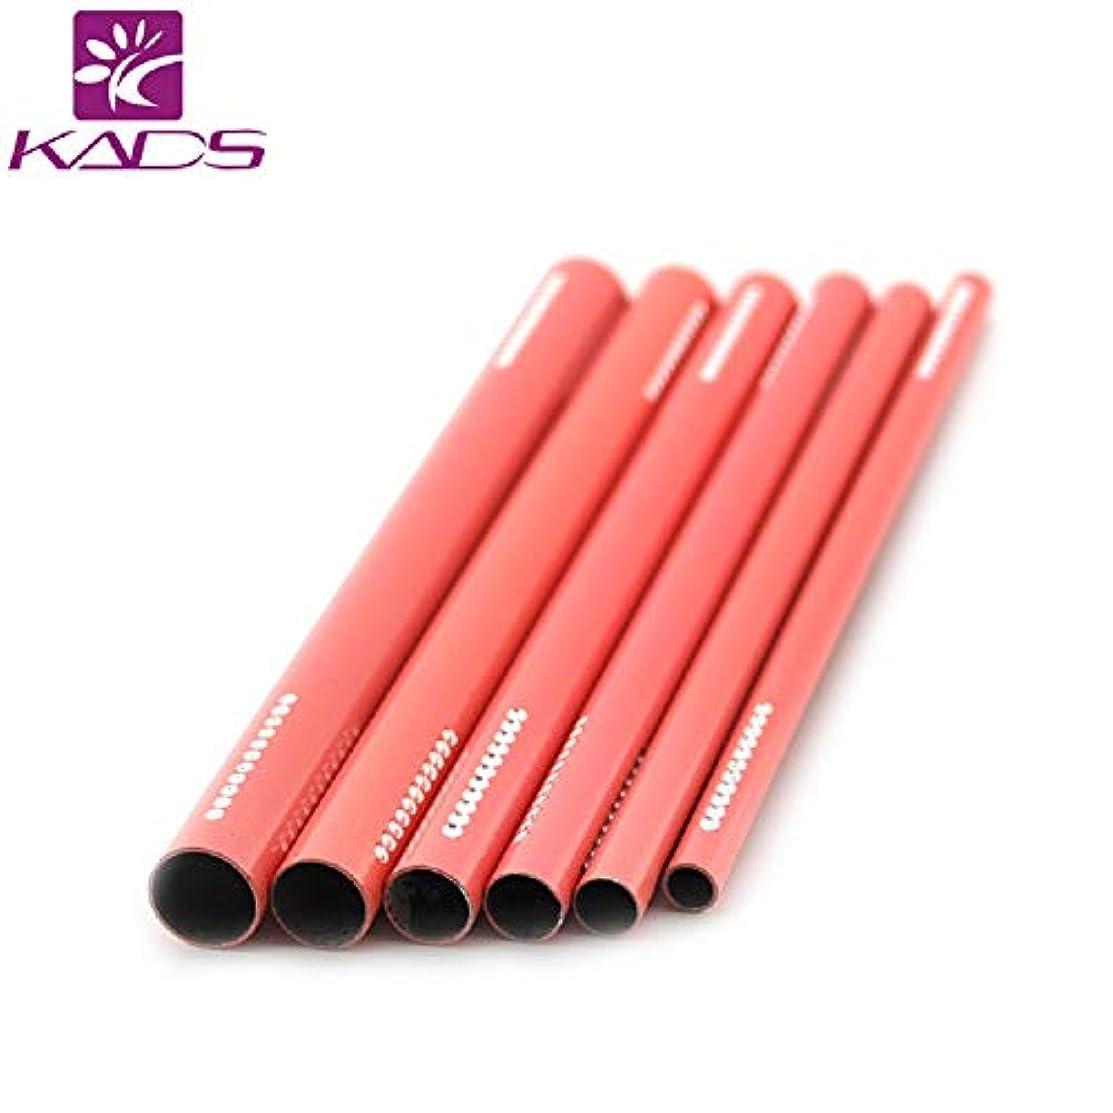 改修セール提案KADS ネイルアートアルミ棒 C-カーブメタルロッド カーブロッドスティック 爪用工具アクリルヒント